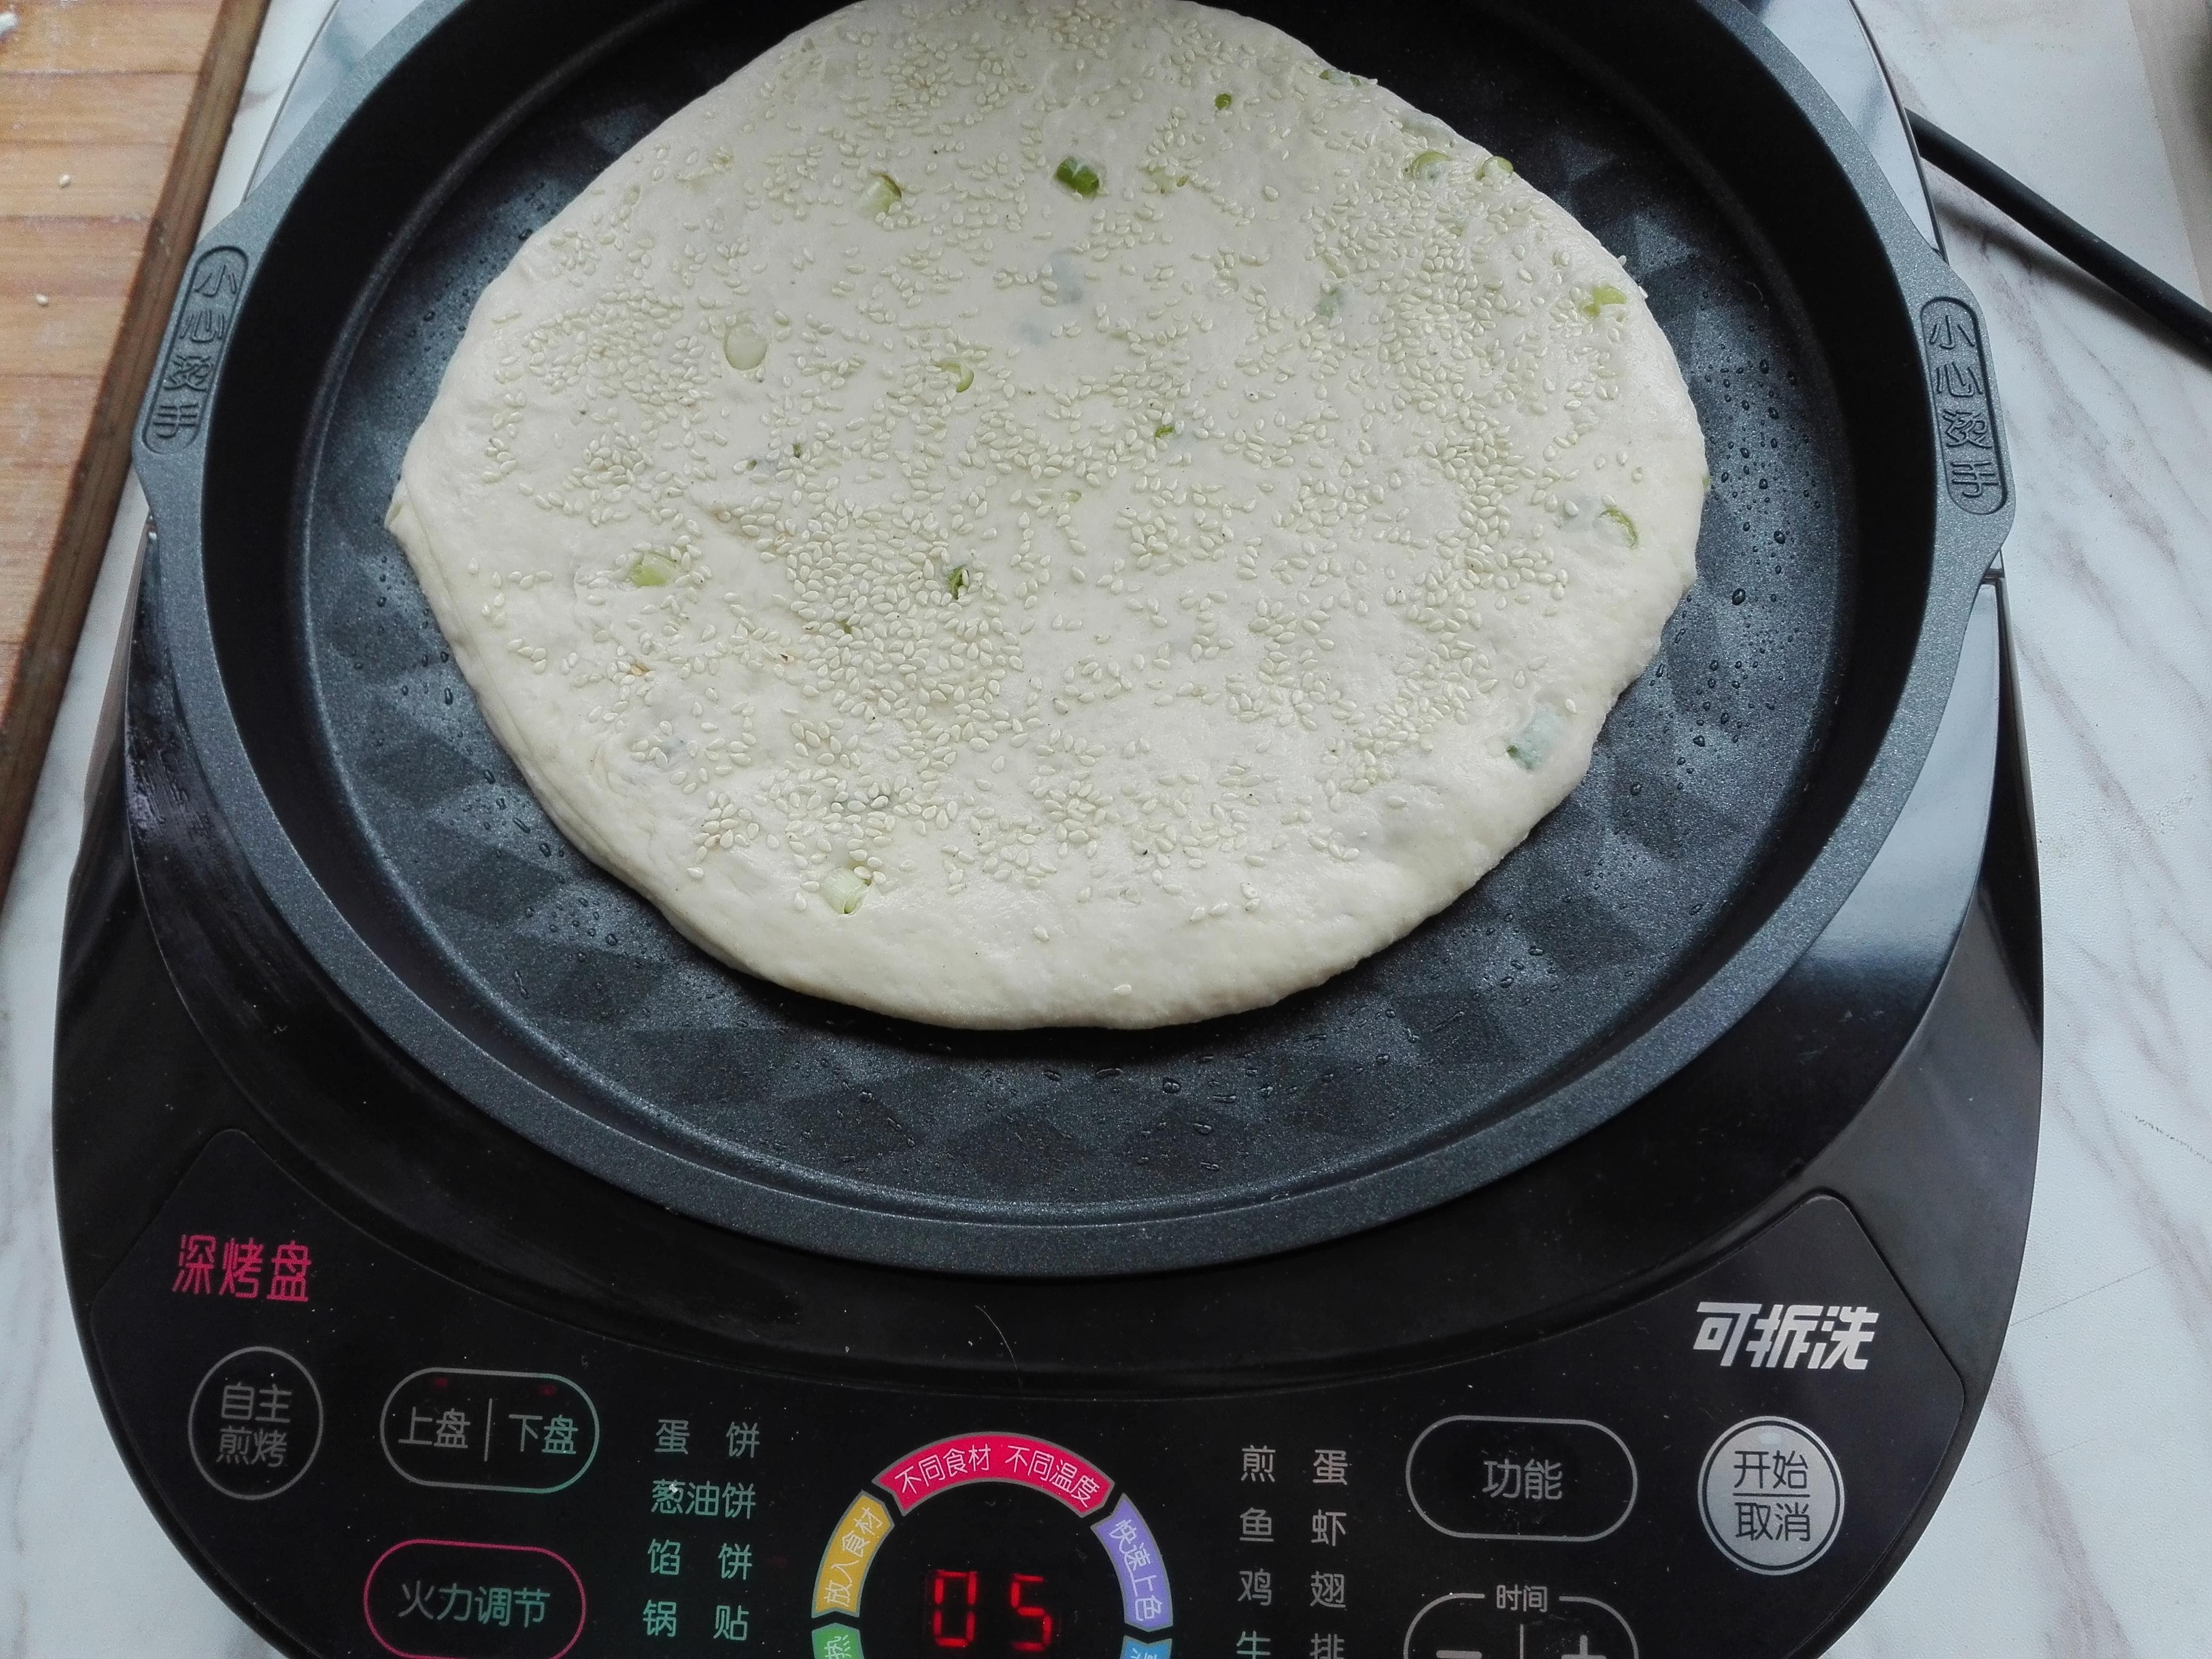 发面饼-苏泊尔煎烤机jc32r61-150菜谱的做法_好处_豆吃凉拌食谱的洋葱图片